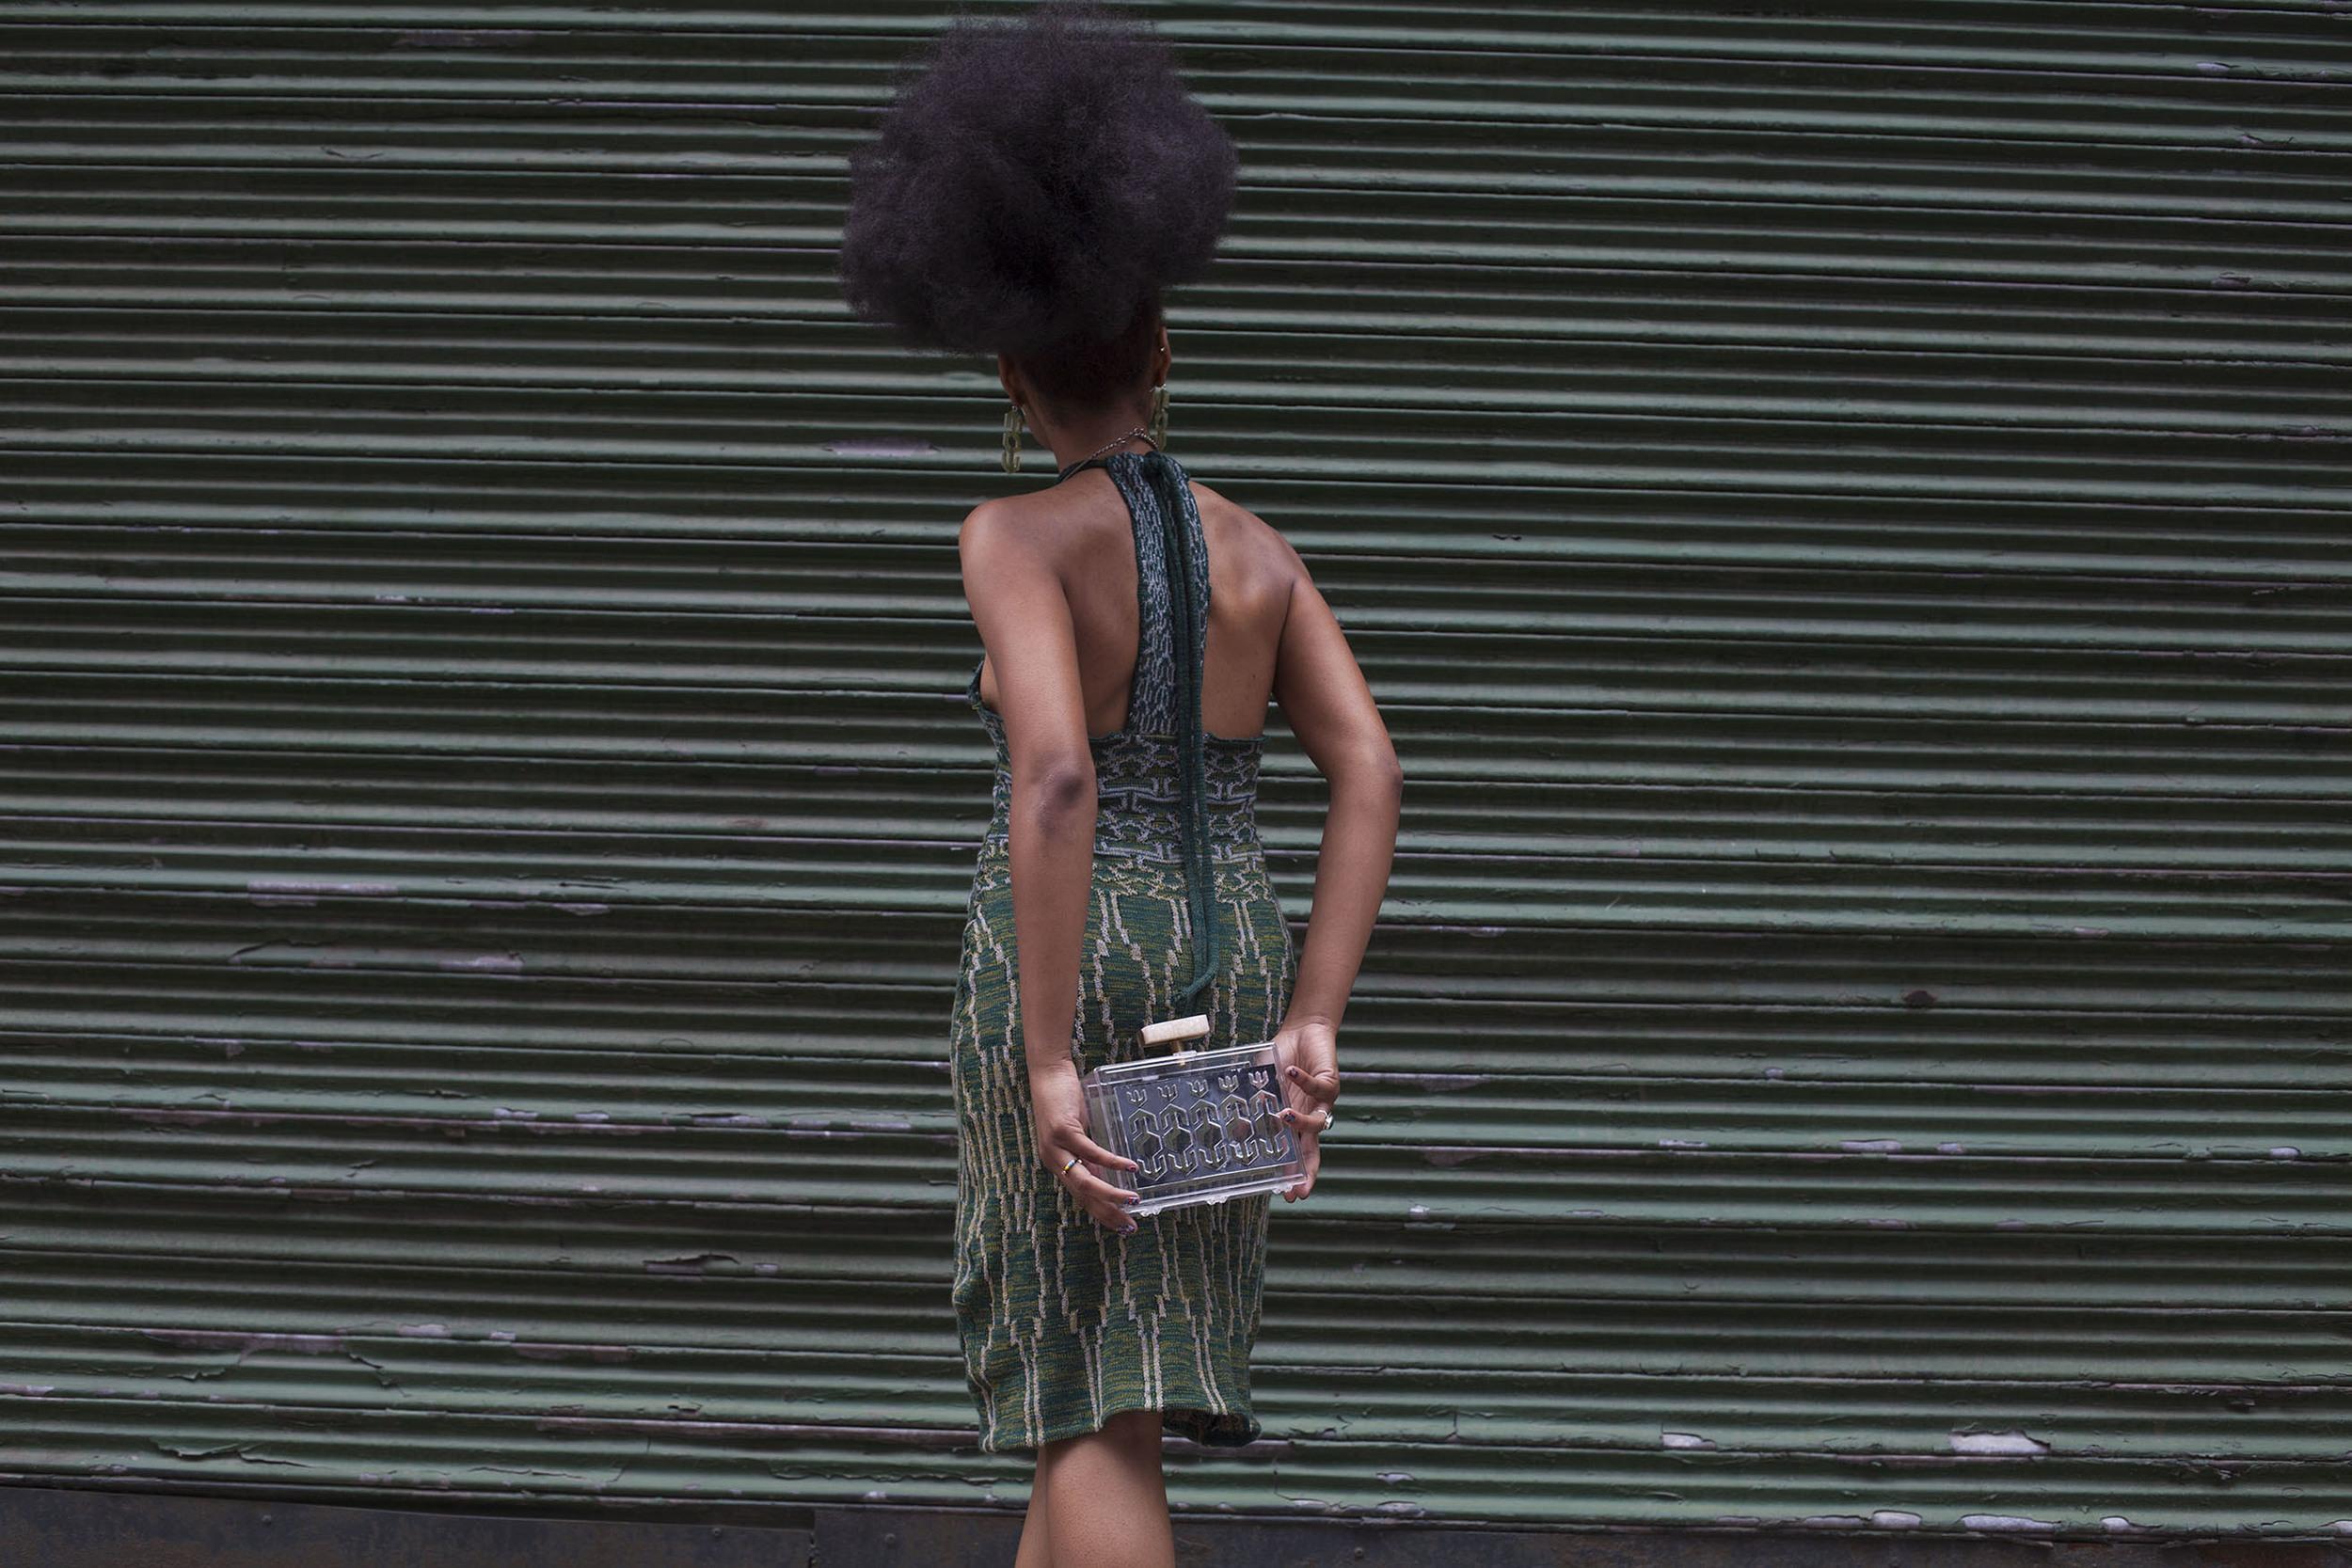 Merino Wool Machine Knit Jacquard Dress  Laser Cut Plexi Glass Clutch